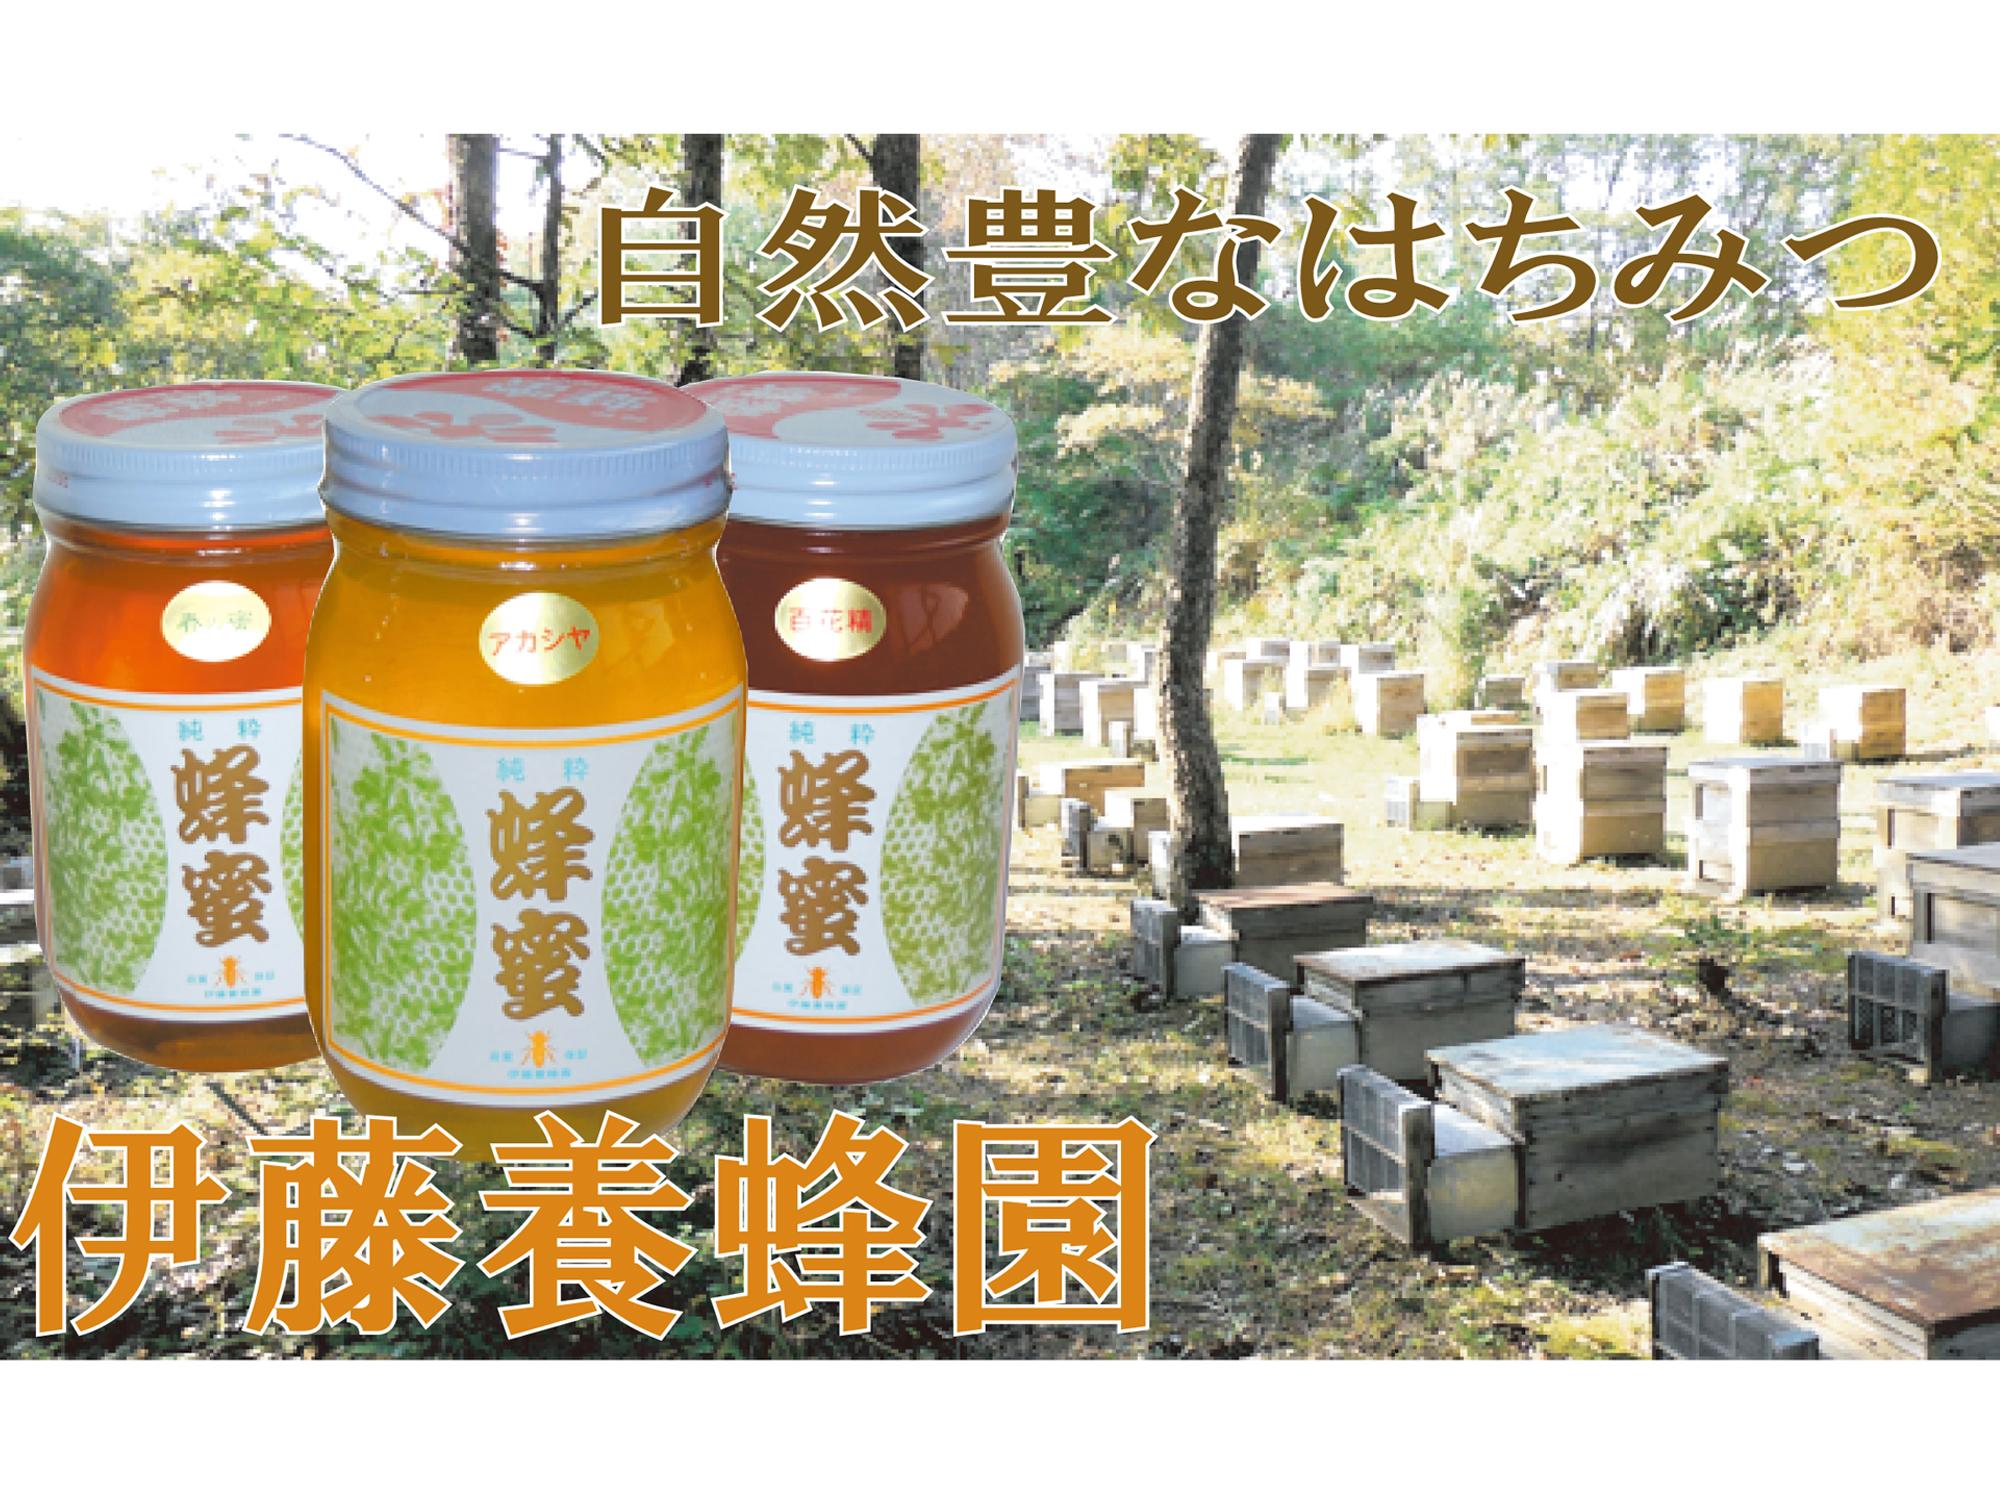 明智 伊藤養蜂園